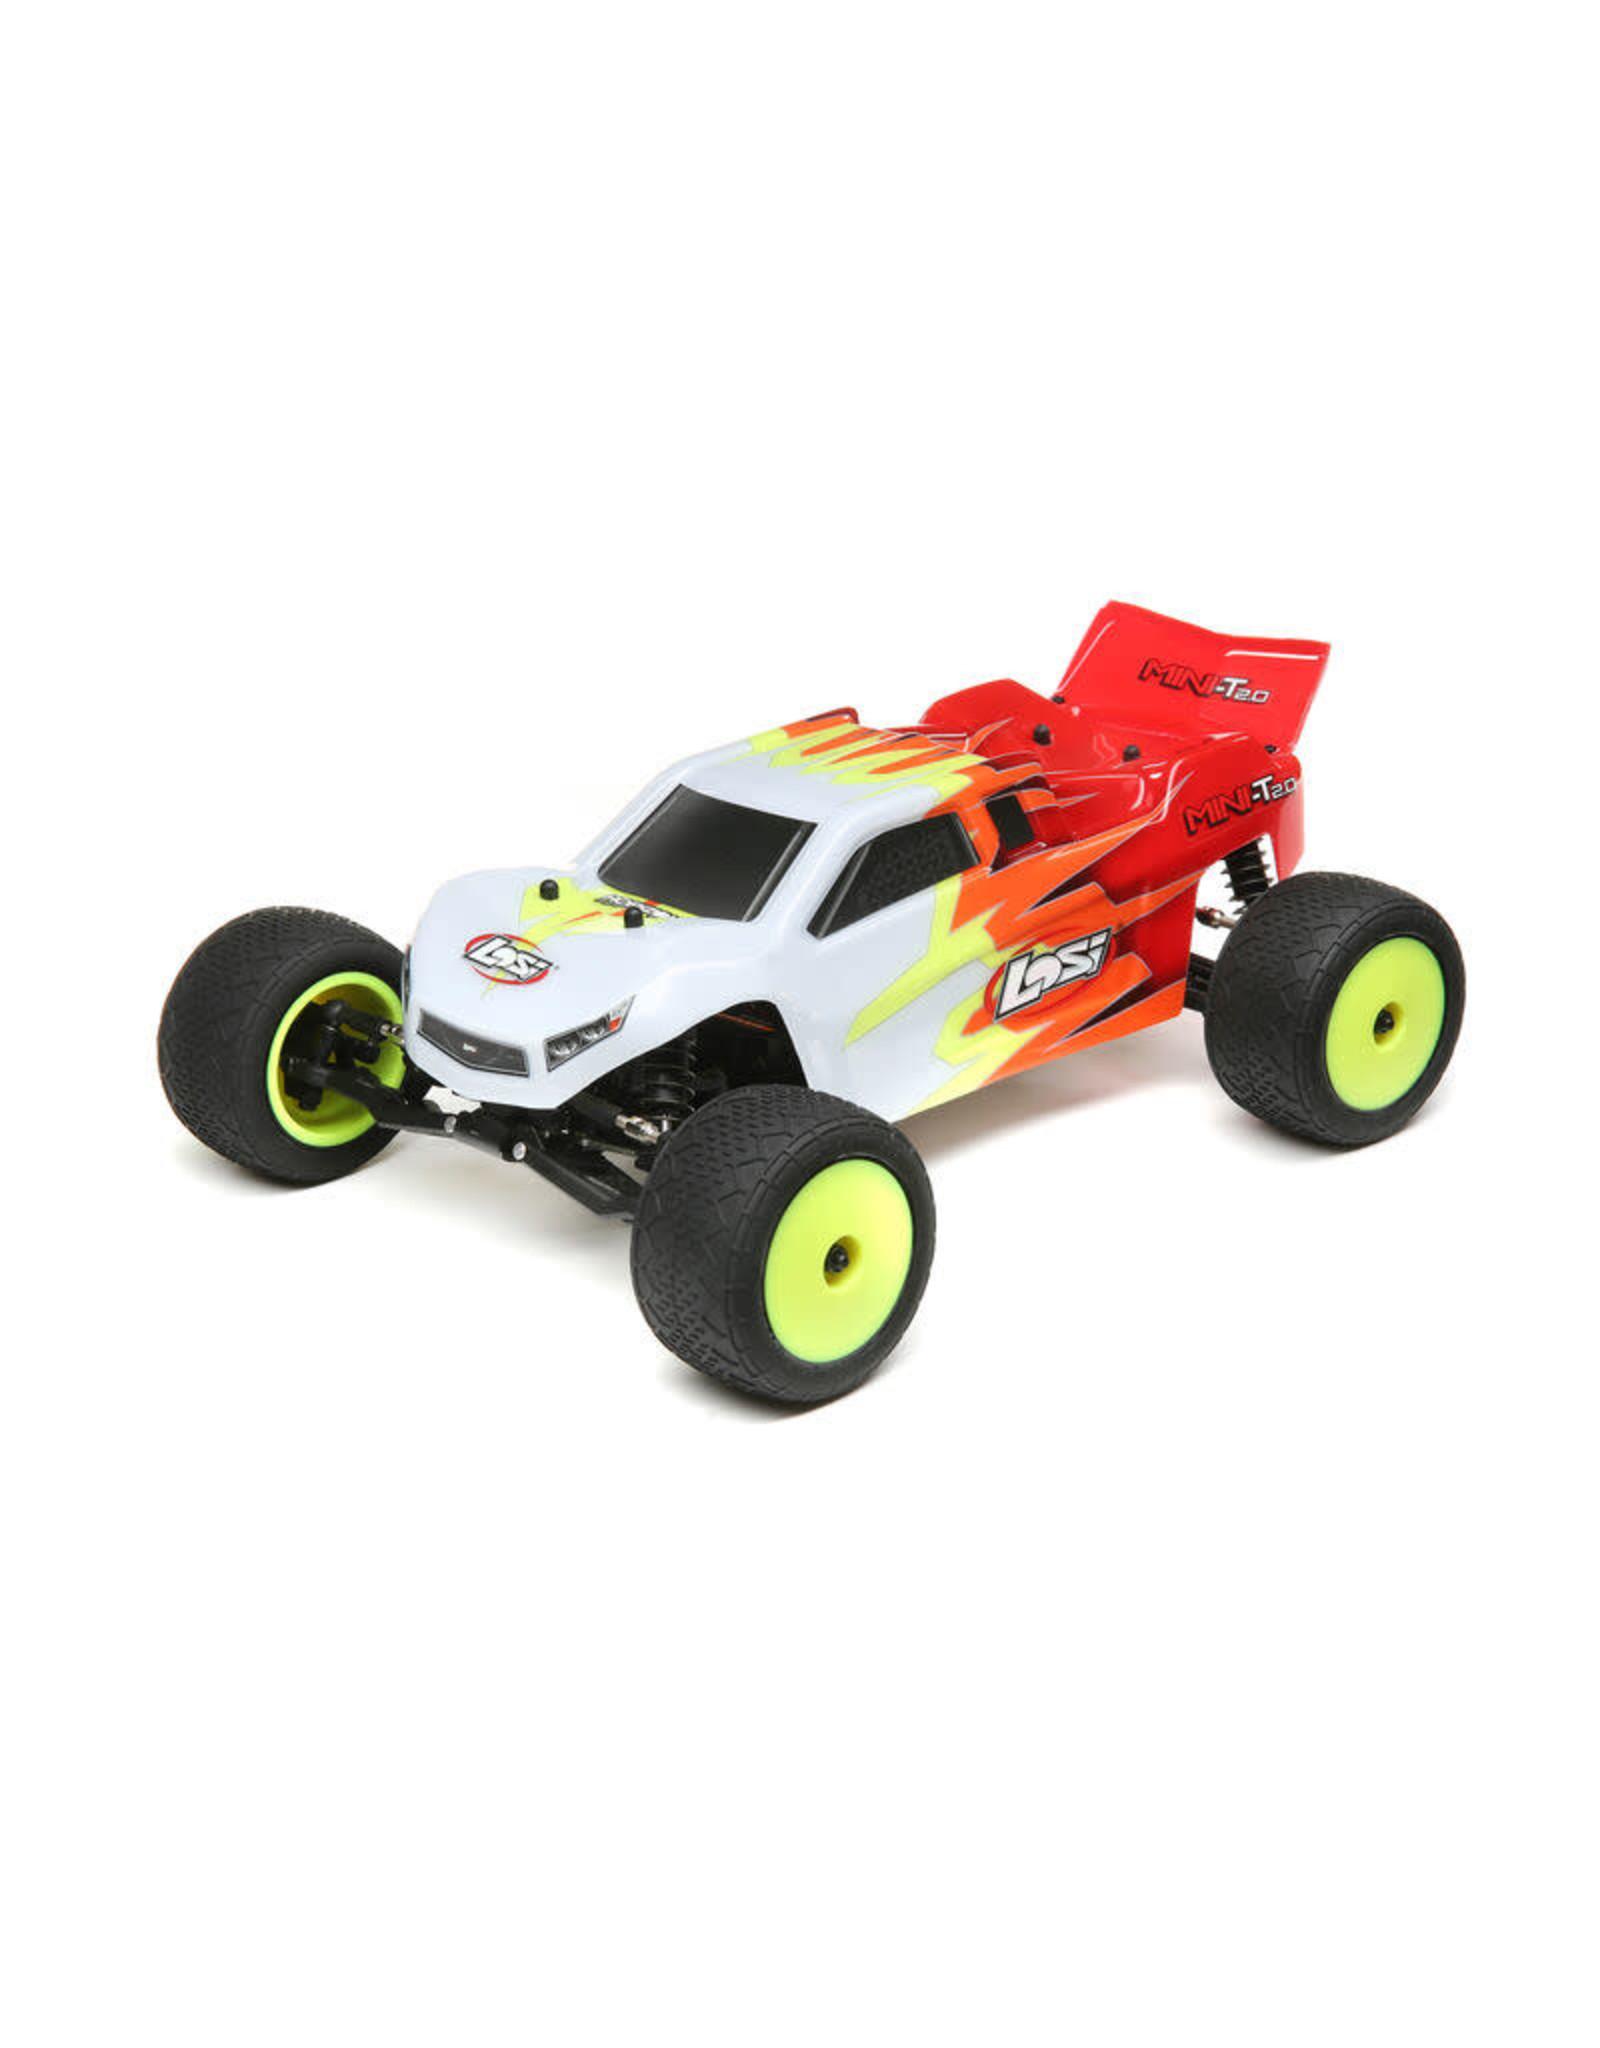 LOSI Mini T 2.0 ORTR red/white 1/18 2wd  LOS01015T1